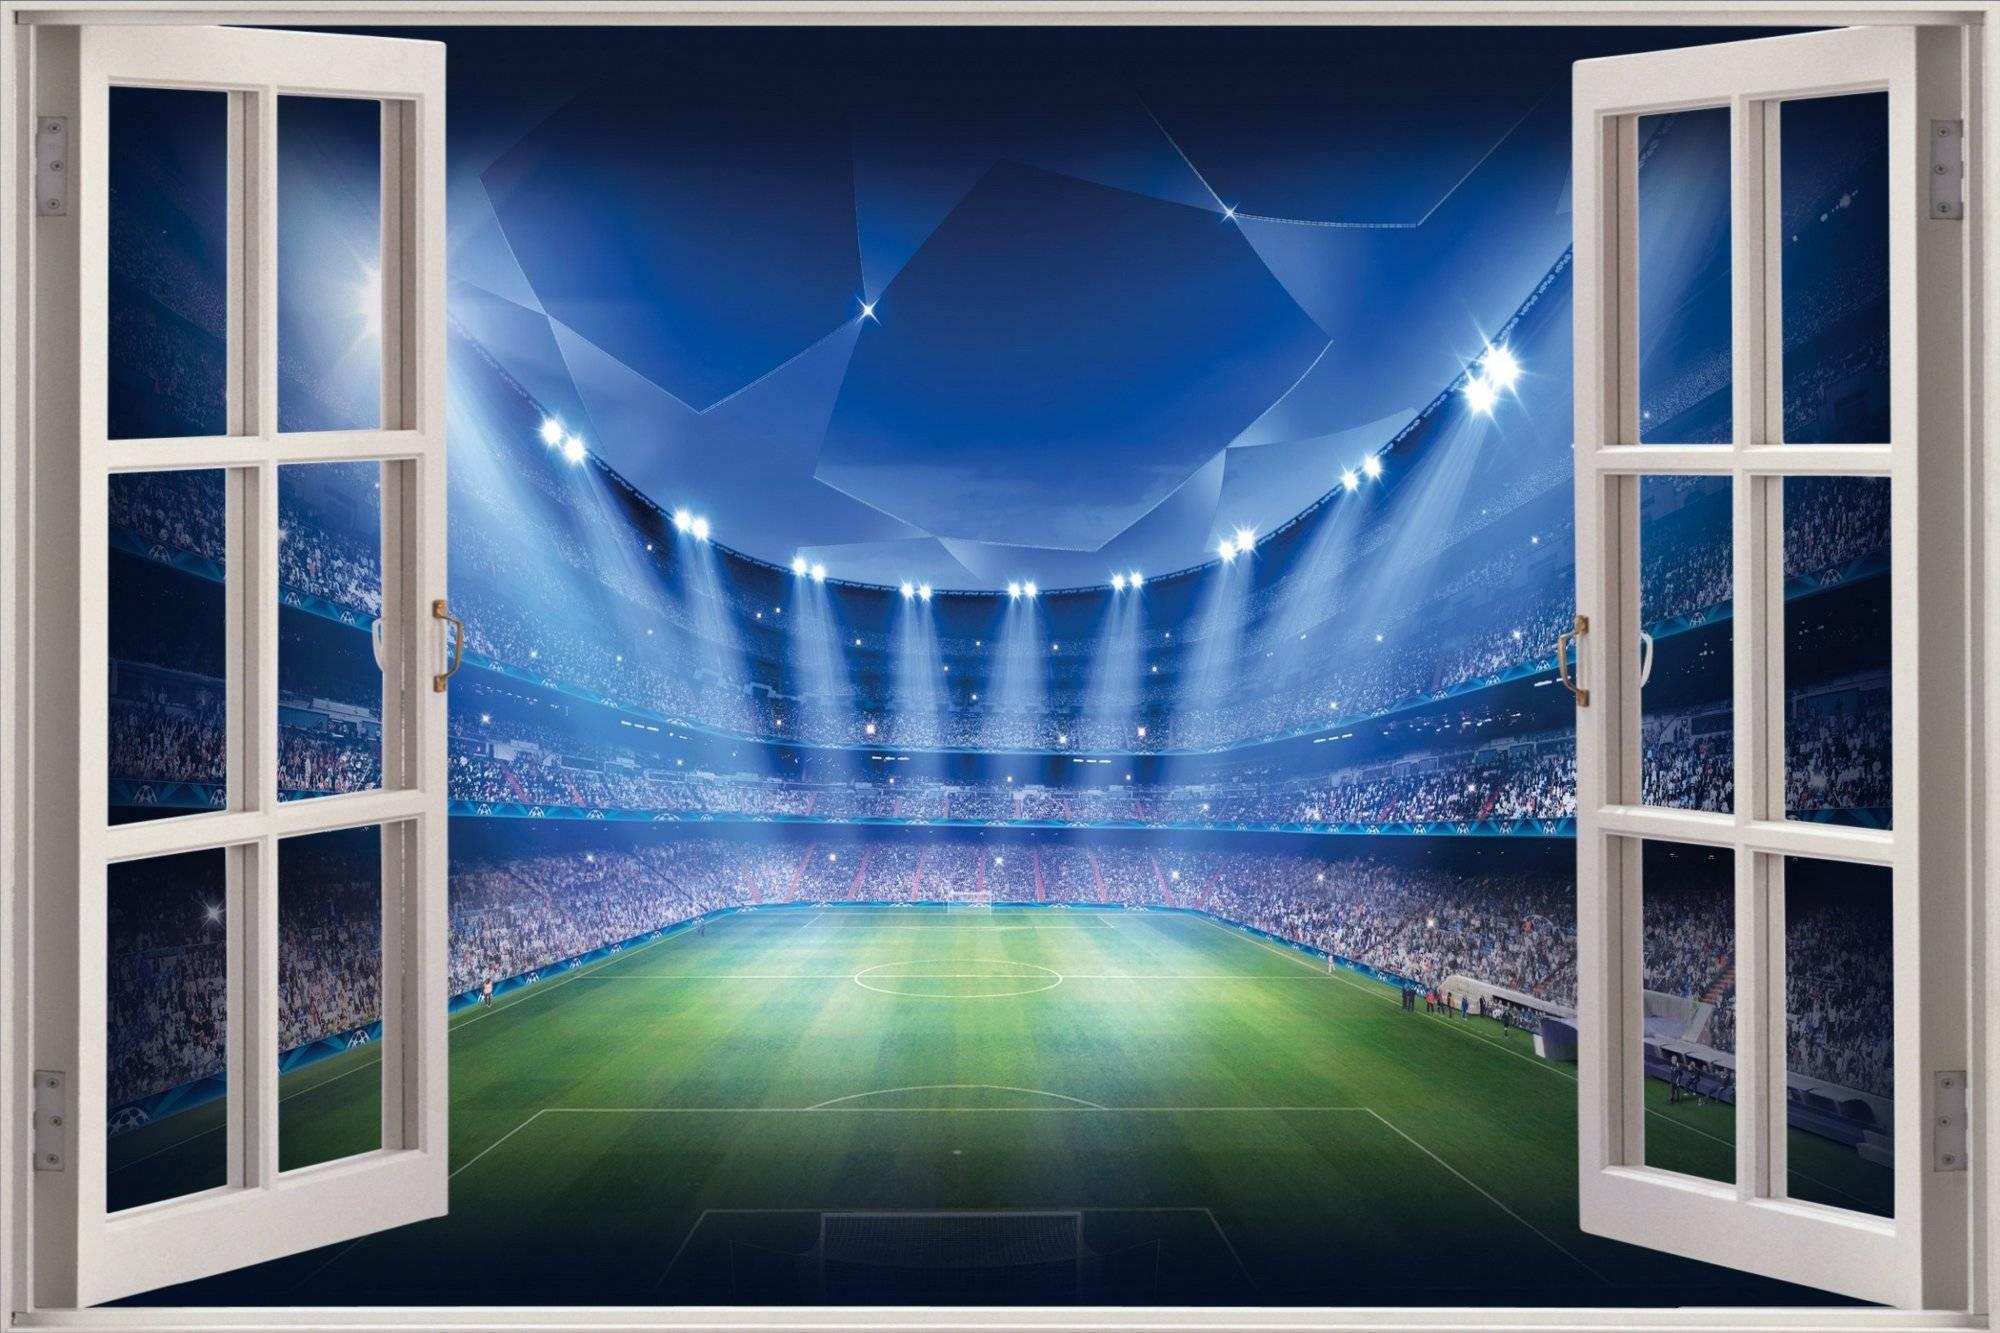 3D Wall Art Football | Wallartideas In 2018 3D Stadium View Wall Art (View 1 of 20)